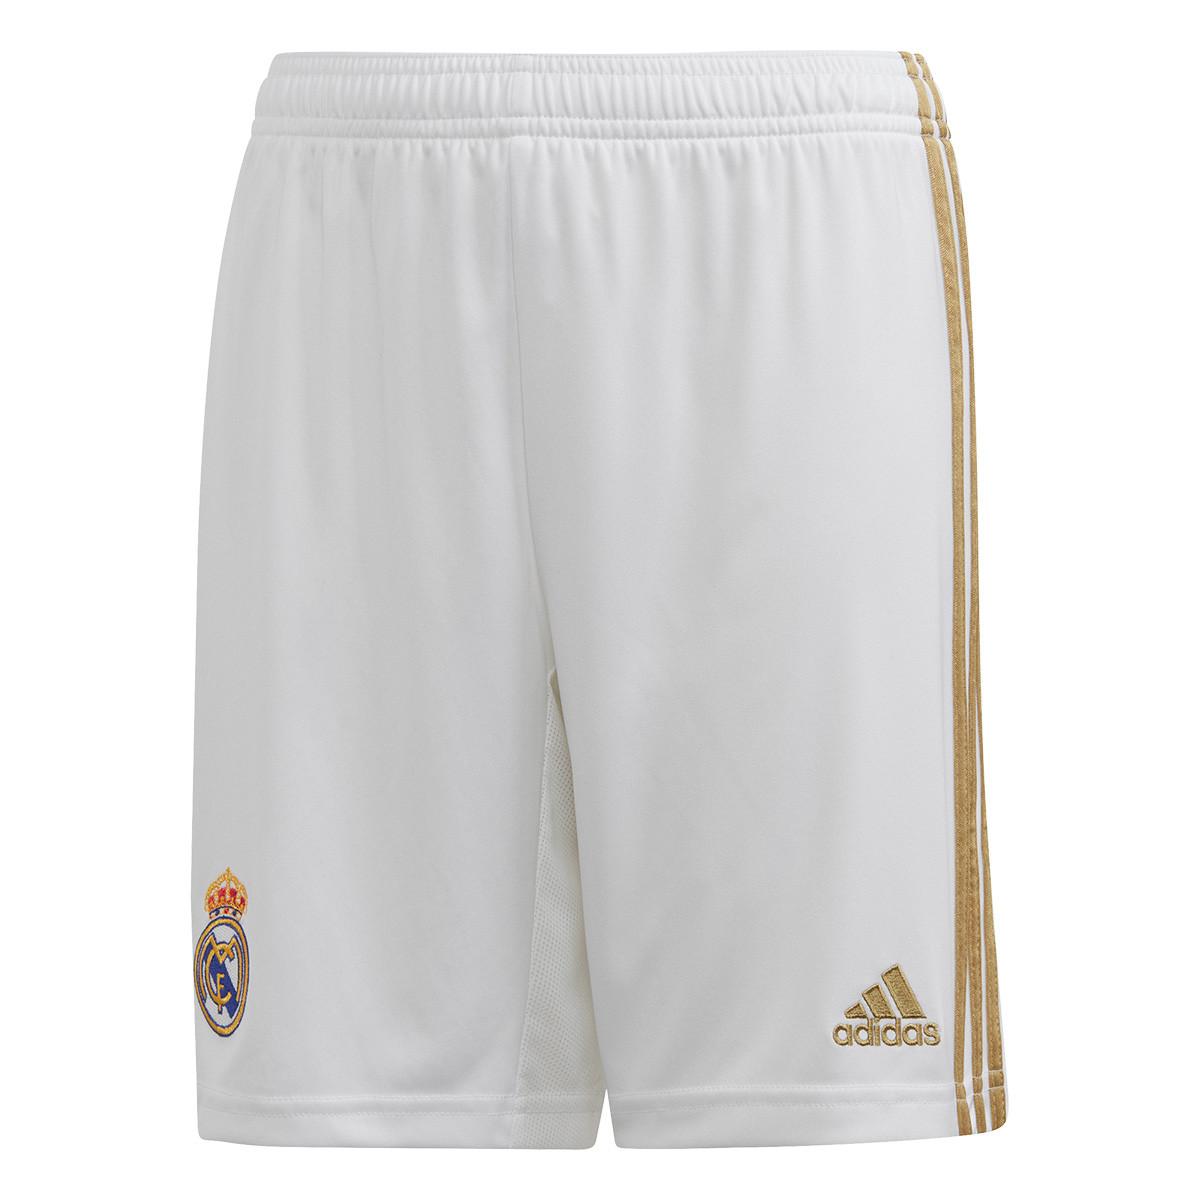 Conjunto adidas Real Madrid Equipamento Principal 2019 2020 Criança